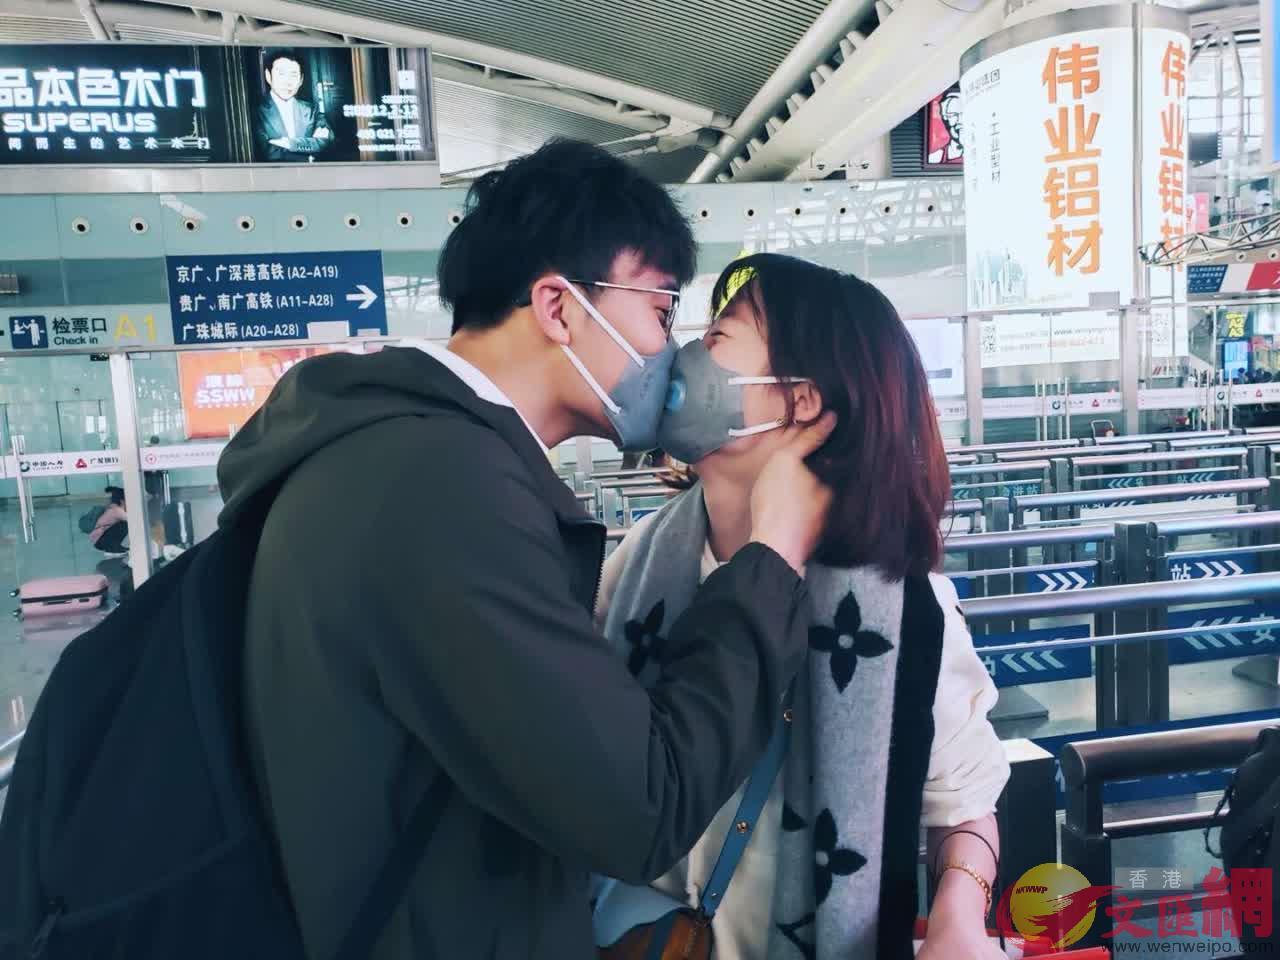 過年前一對情侶在廣州高鐵站吻別回家(記者 胡永愛 攝)